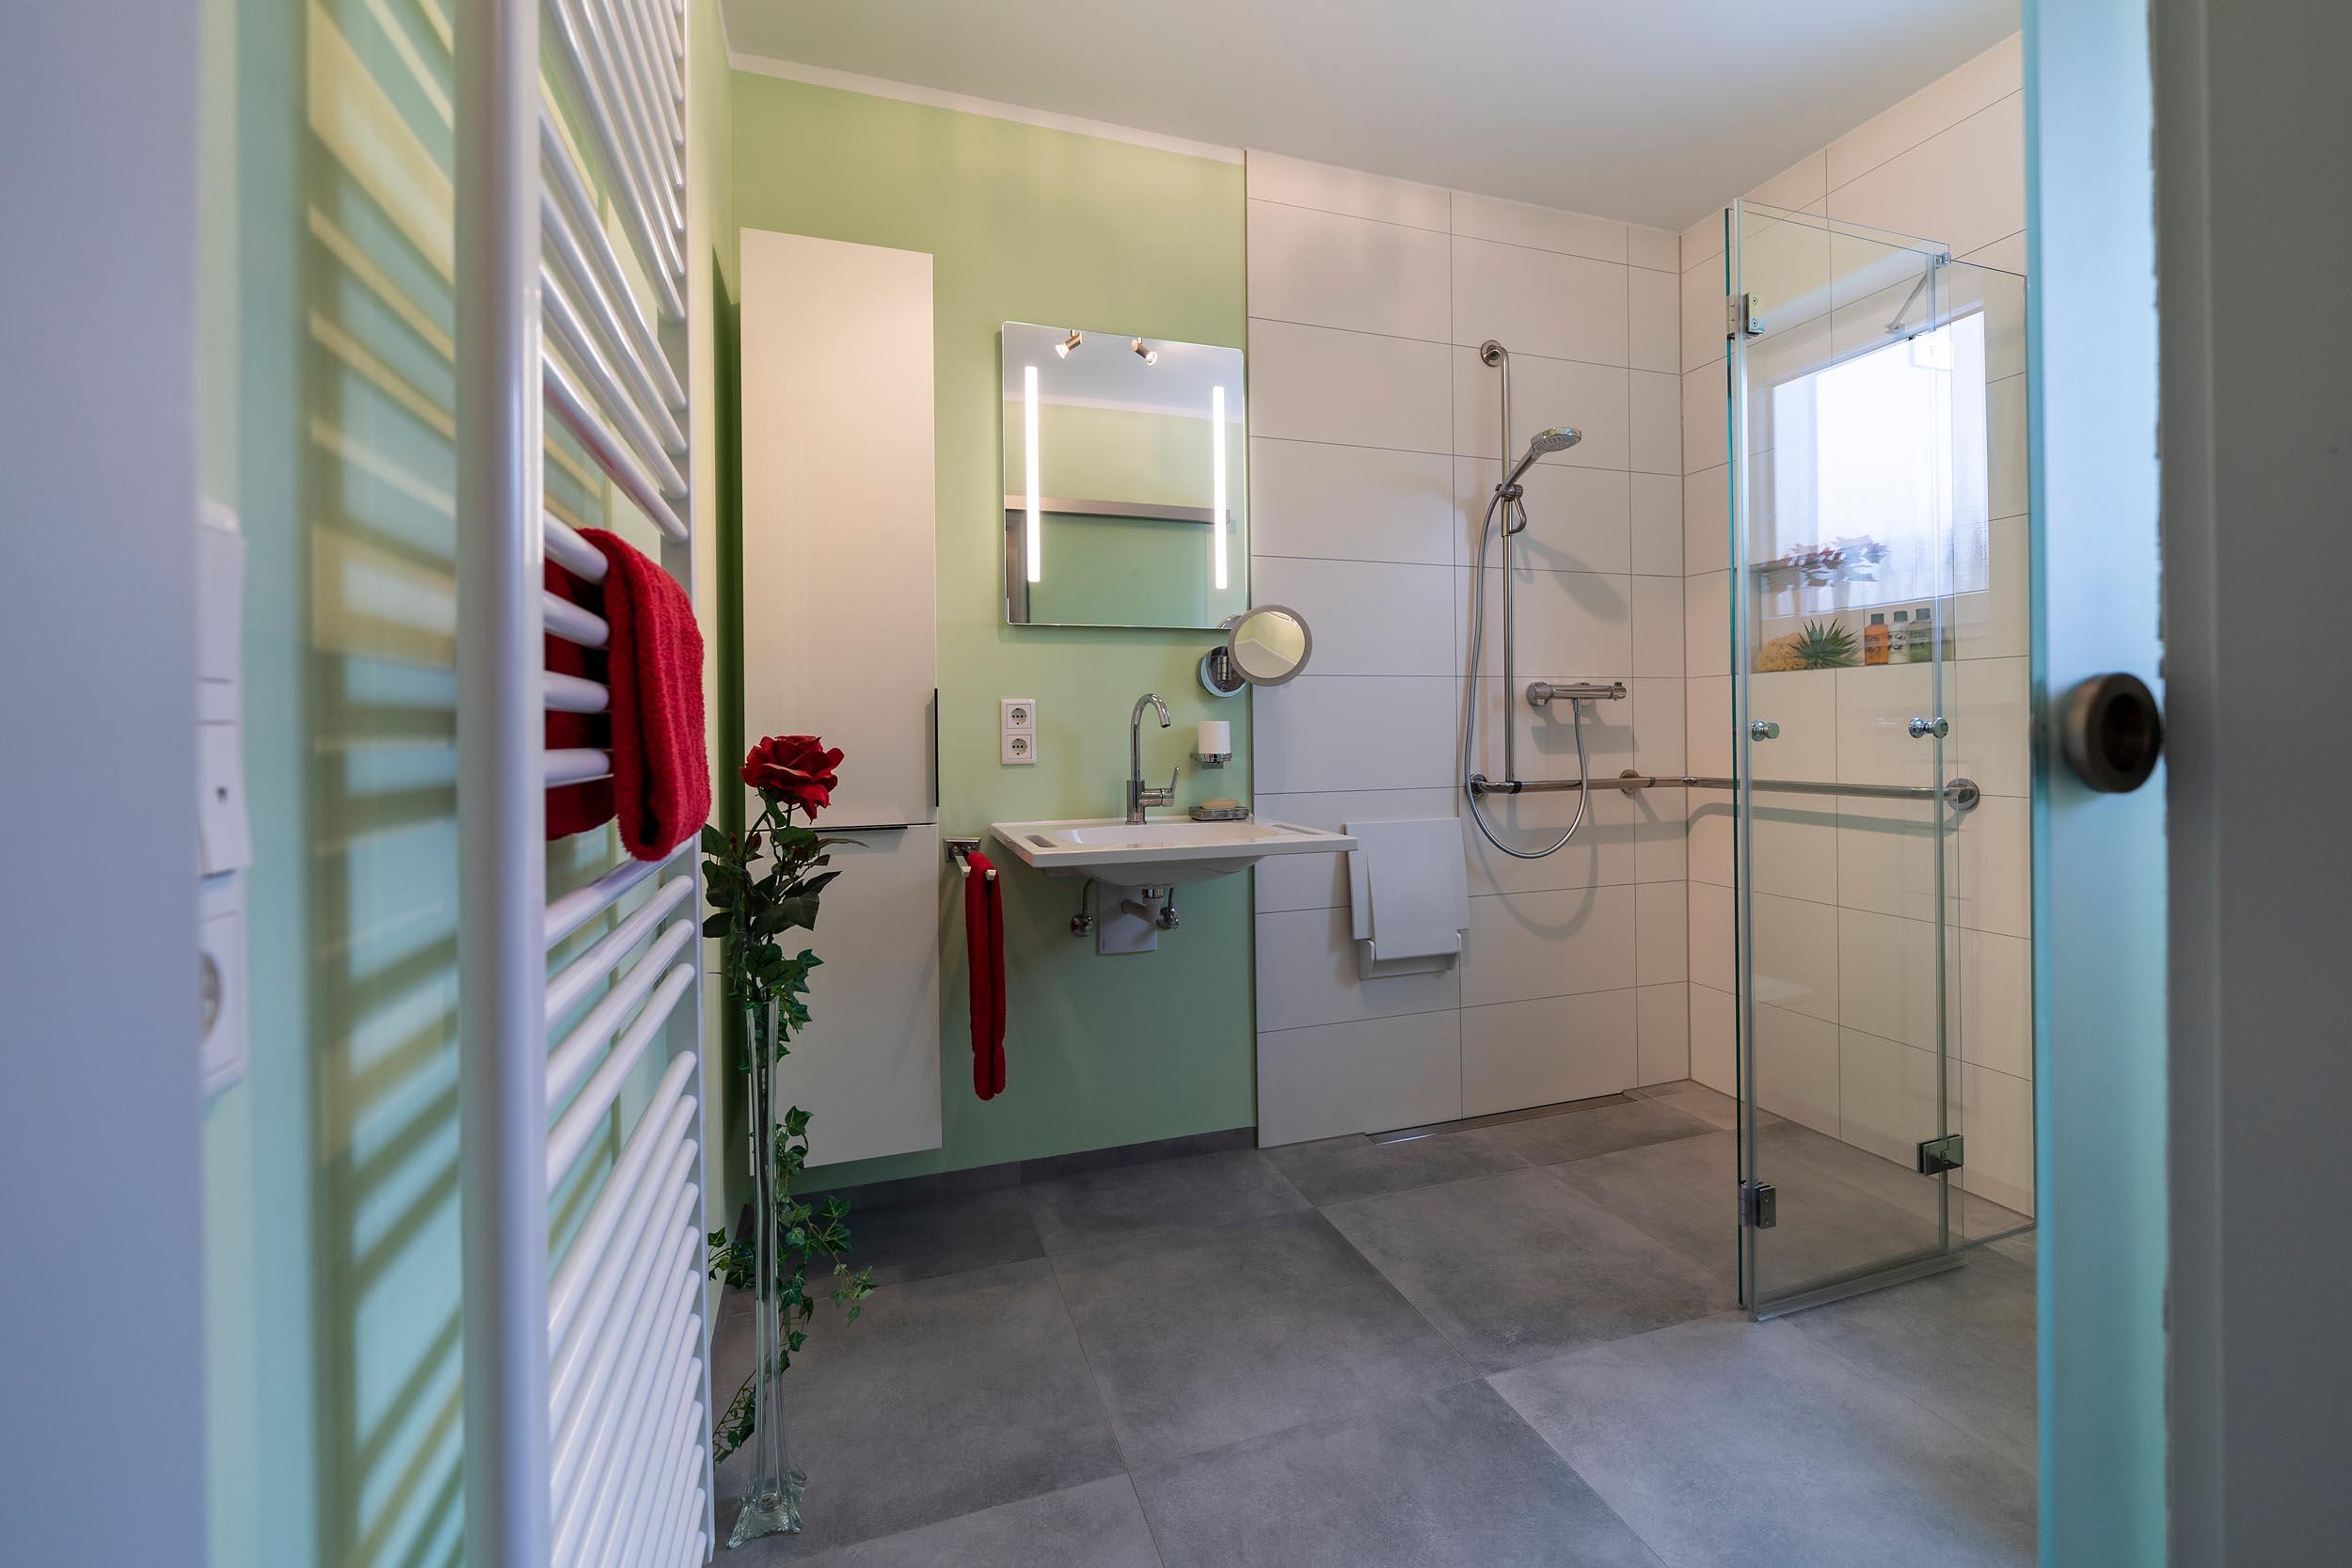 barrierefreies Bad ohne Klinikcharme Zitzelsberger Augsburg